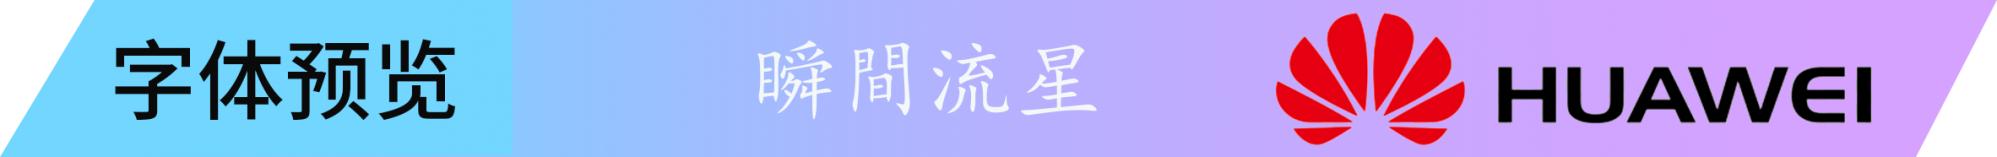 字体预览.png